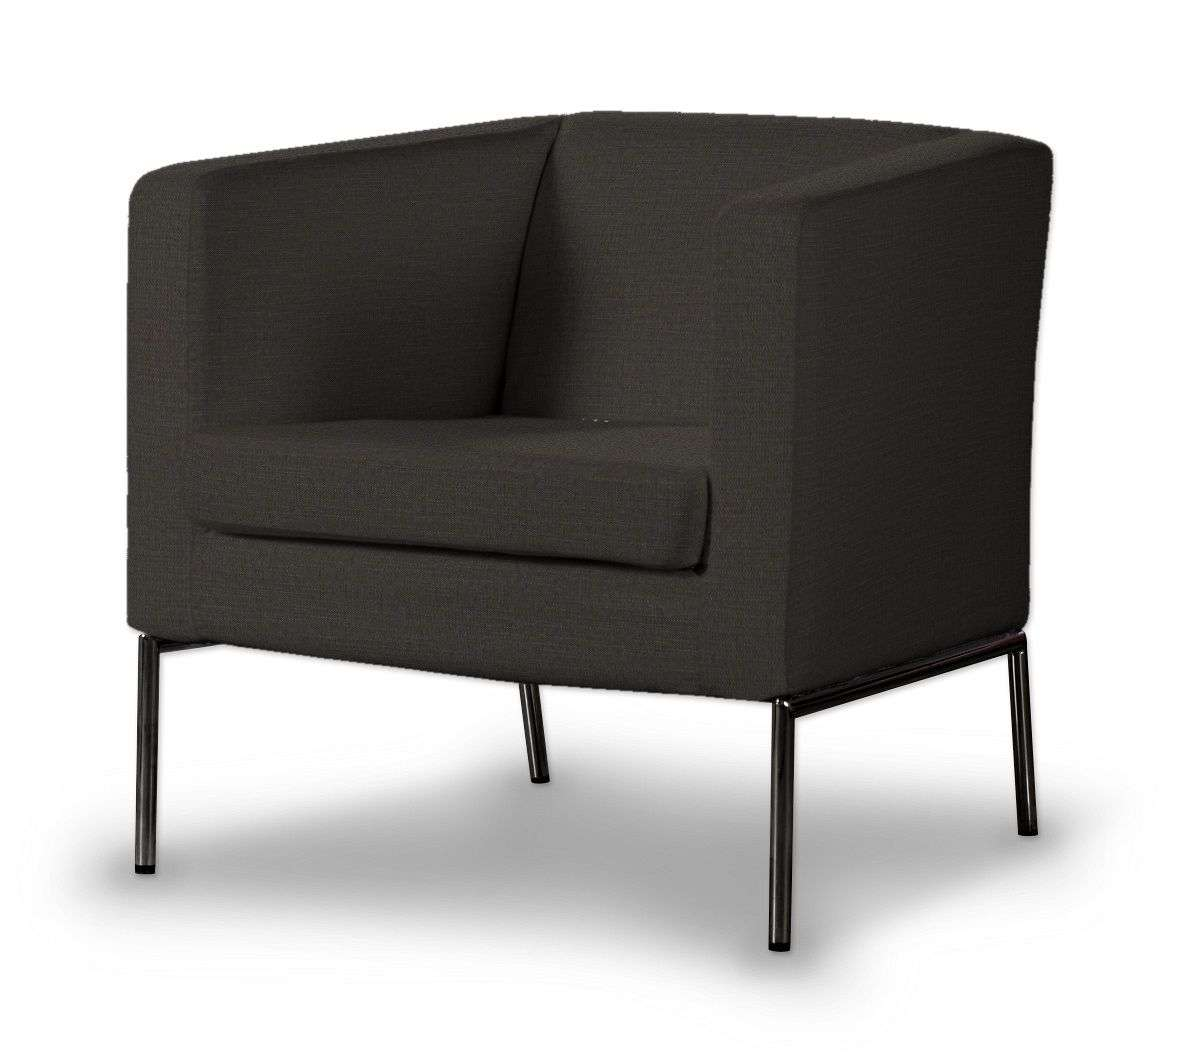 KLAPPSTA fotelio užvalkalas KLAPPSTA fotelio užvalkalas kolekcijoje Vintage, audinys: 702-36